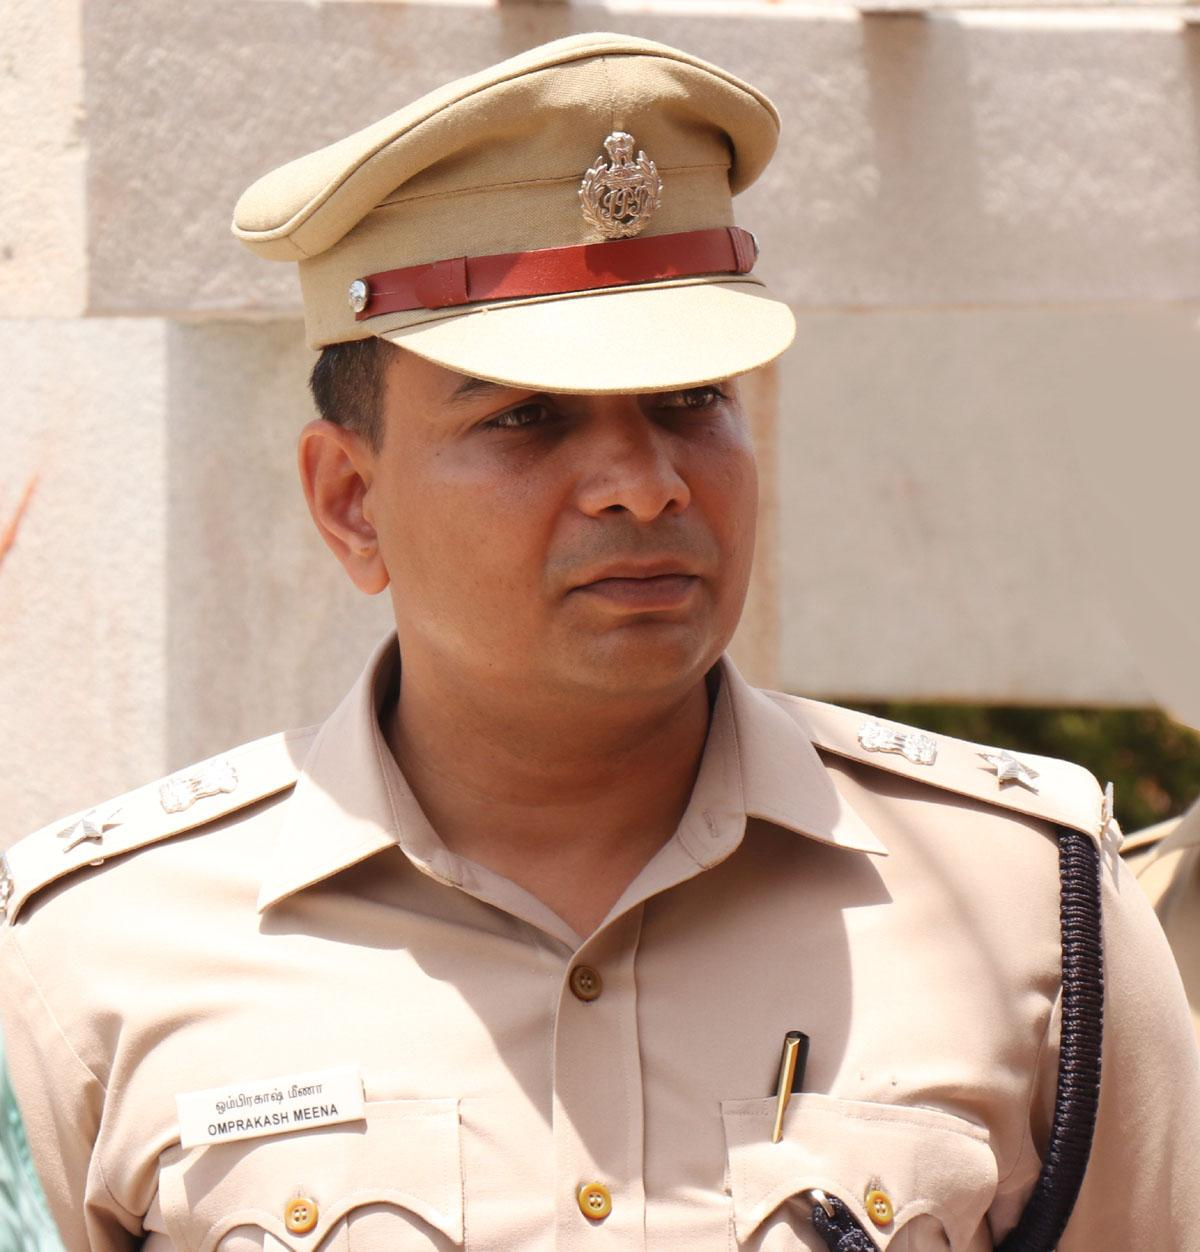 ராமநாதபுரம் காவல் கண்காணிப்பாளர் ஓம்பிரகாஷ் மீனா